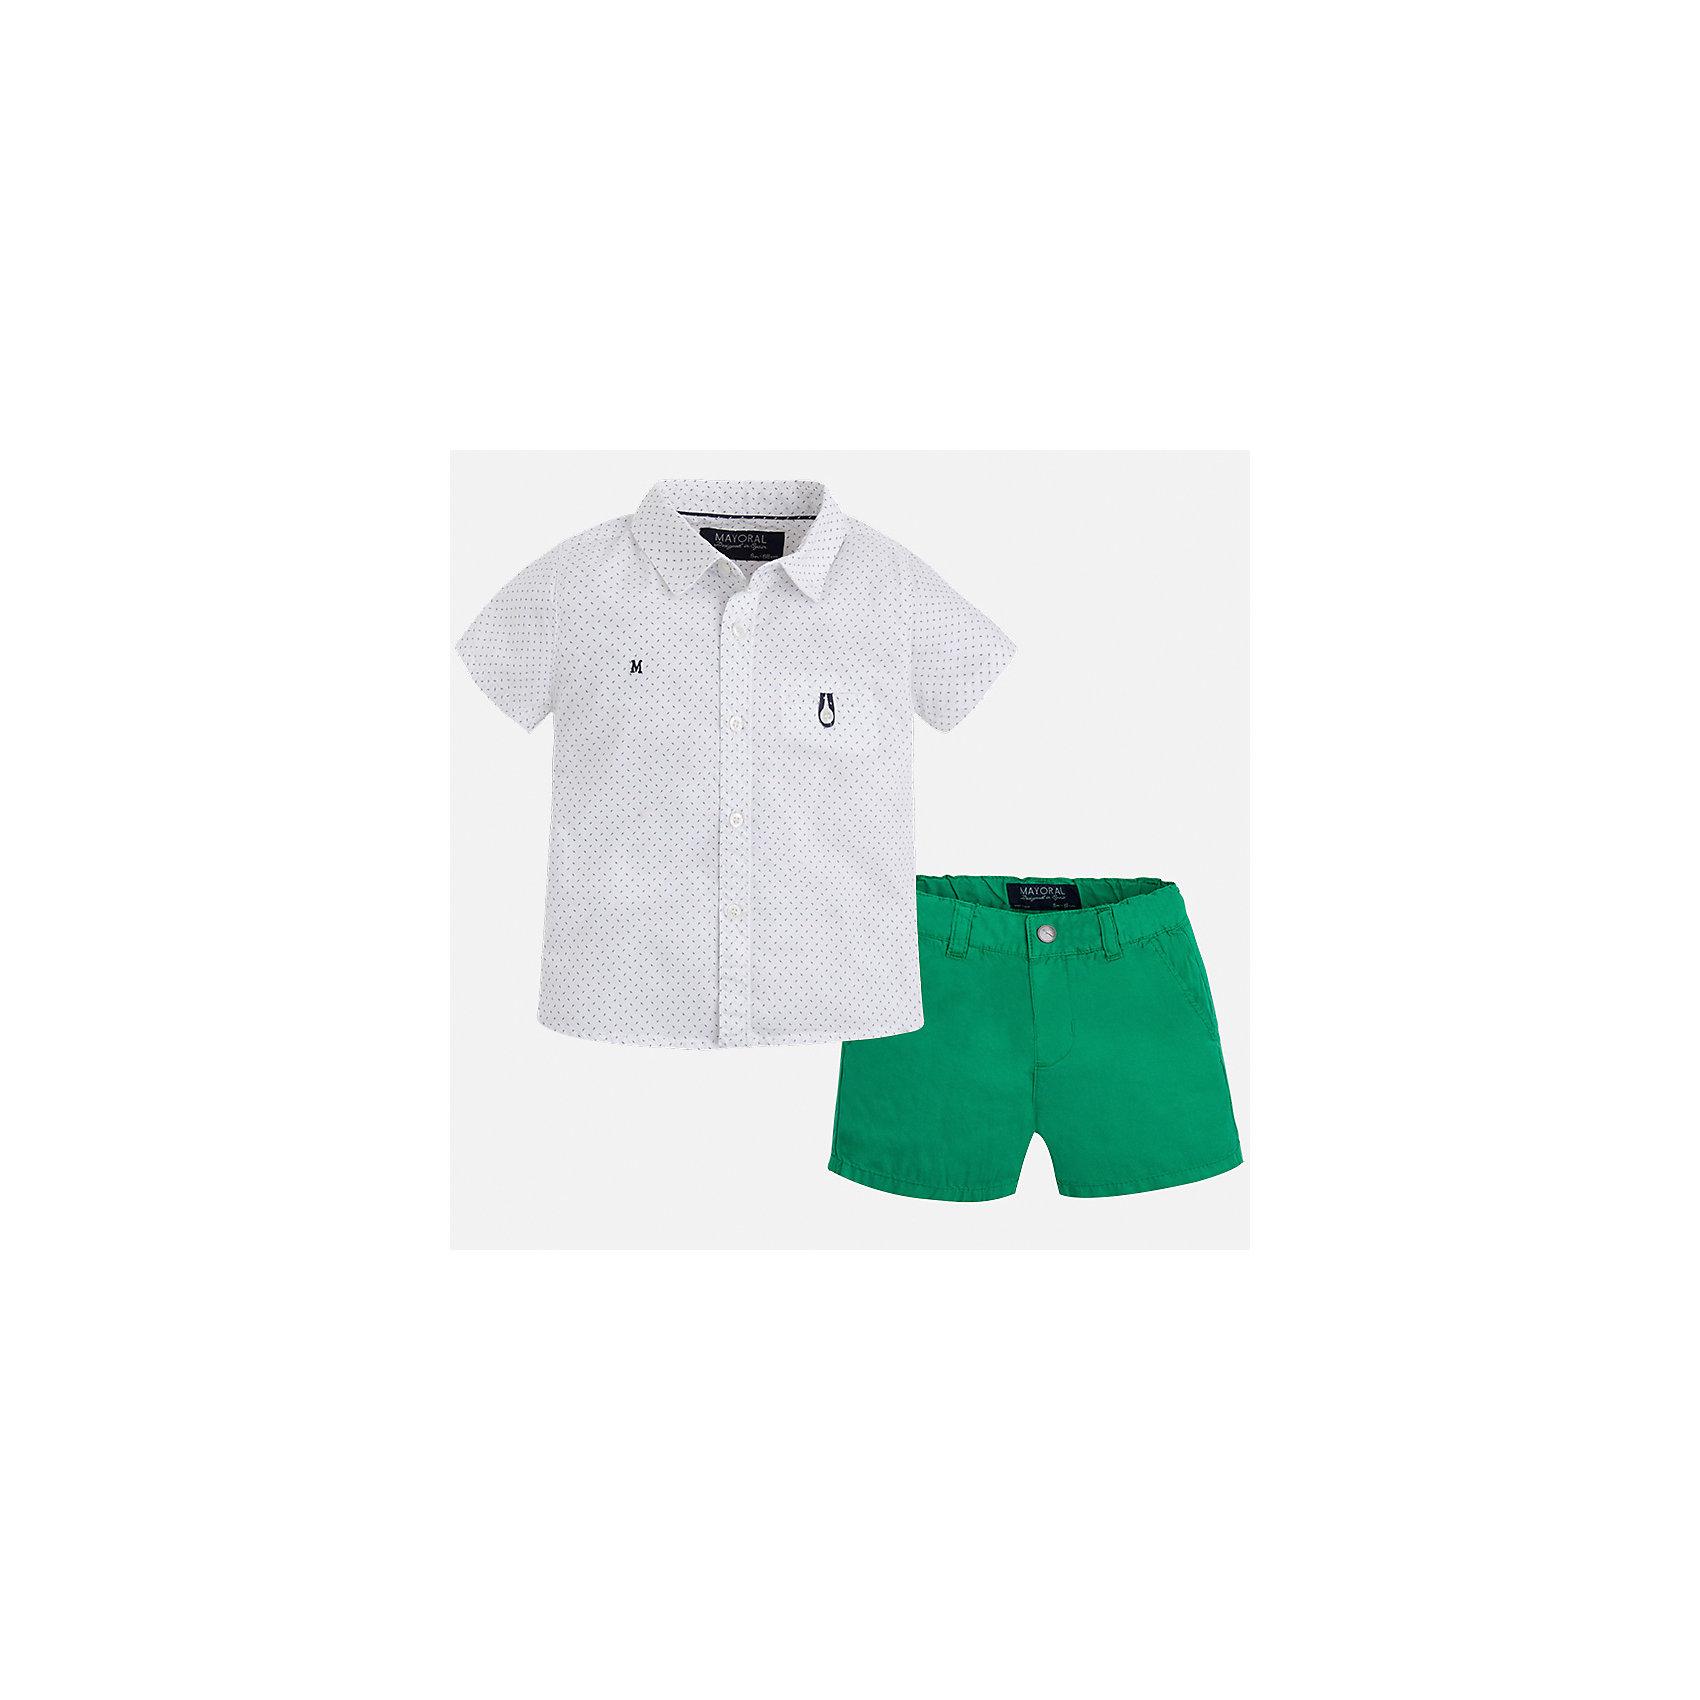 Комплект: шорты и рубашка для мальчика MayoralХарактеристики товара:<br><br>• цвет: белый/зеленый<br>• состав: 100% хлопок<br>• комплектация: футболка, шорты<br>• рубашка декорирована вышивкой<br>• отложной воротник, короткие рукава<br>• шорты однотонные<br>• шлевки<br>• пояс регулируется<br>• страна бренда: Испания<br><br>Красивый качественный комплект для мальчика поможет разнообразить гардероб ребенка и удобно одеться в теплую погоду. Он отлично сочетается с другими предметами. Универсальный цвет позволяет подобрать к вещам верхнюю одежду практически любой расцветки. Интересная отделка модели делает её нарядной и оригинальной. В составе материала - только натуральный хлопок, гипоаллергенный, приятный на ощупь, дышащий.<br><br>Одежда, обувь и аксессуары от испанского бренда Mayoral полюбились детям и взрослым по всему миру. Модели этой марки - стильные и удобные. Для их производства используются только безопасные, качественные материалы и фурнитура. Порадуйте ребенка модными и красивыми вещами от Mayoral! <br><br>Комплект для мальчика от испанского бренда Mayoral (Майорал) можно купить в нашем интернет-магазине.<br><br>Ширина мм: 191<br>Глубина мм: 10<br>Высота мм: 175<br>Вес г: 273<br>Цвет: зеленый<br>Возраст от месяцев: 12<br>Возраст до месяцев: 15<br>Пол: Мужской<br>Возраст: Детский<br>Размер: 80,74,92,86<br>SKU: 5279532